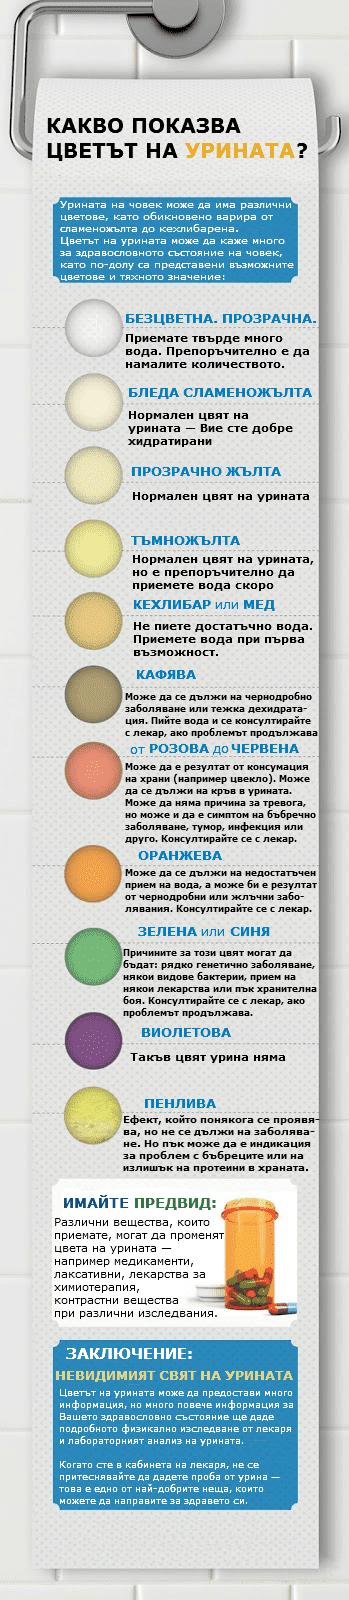 Какво показва цветът на урината?